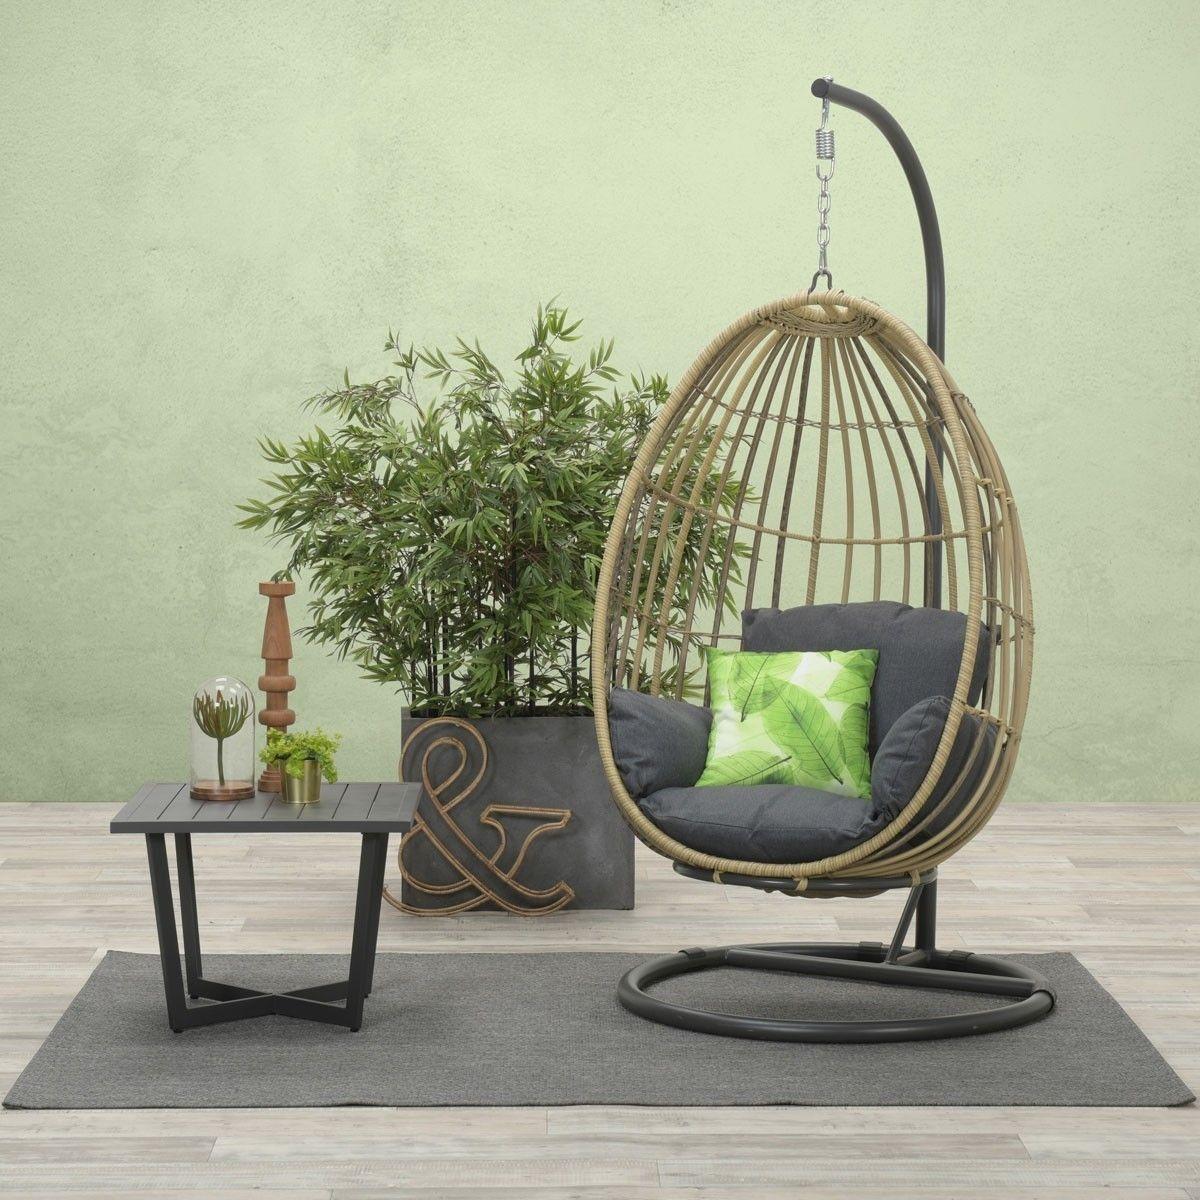 Rotan Hangstoel Wehkamp.Hangstoel Panama Swing Egg Natural Rotan Reflex Black In 2019